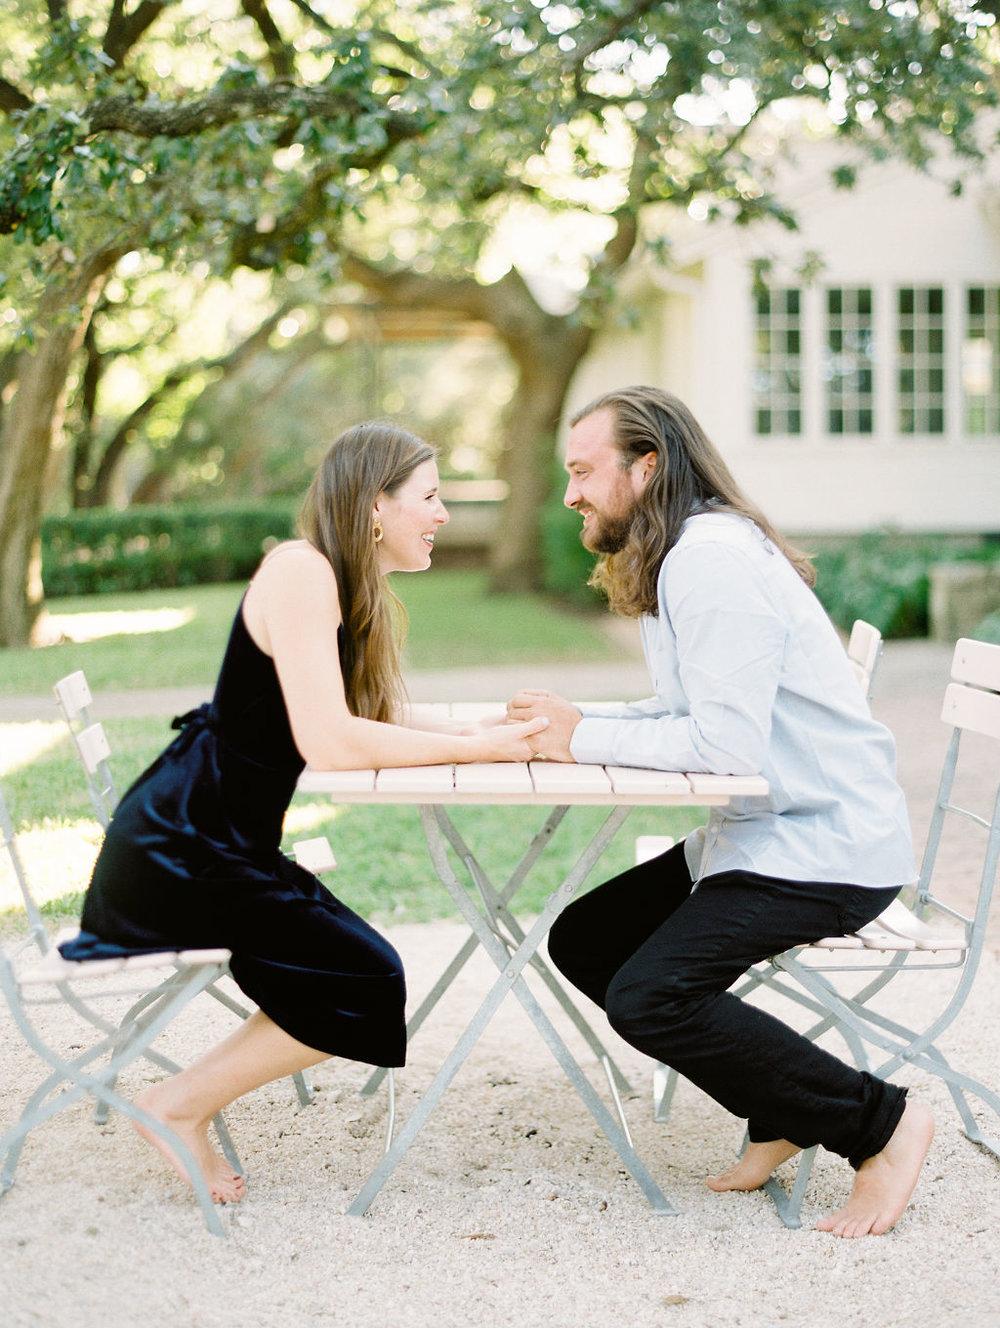 Austin-Film-Wedding-Engagement-Photographer-Mattie's-Green-Pastures-18.jpg